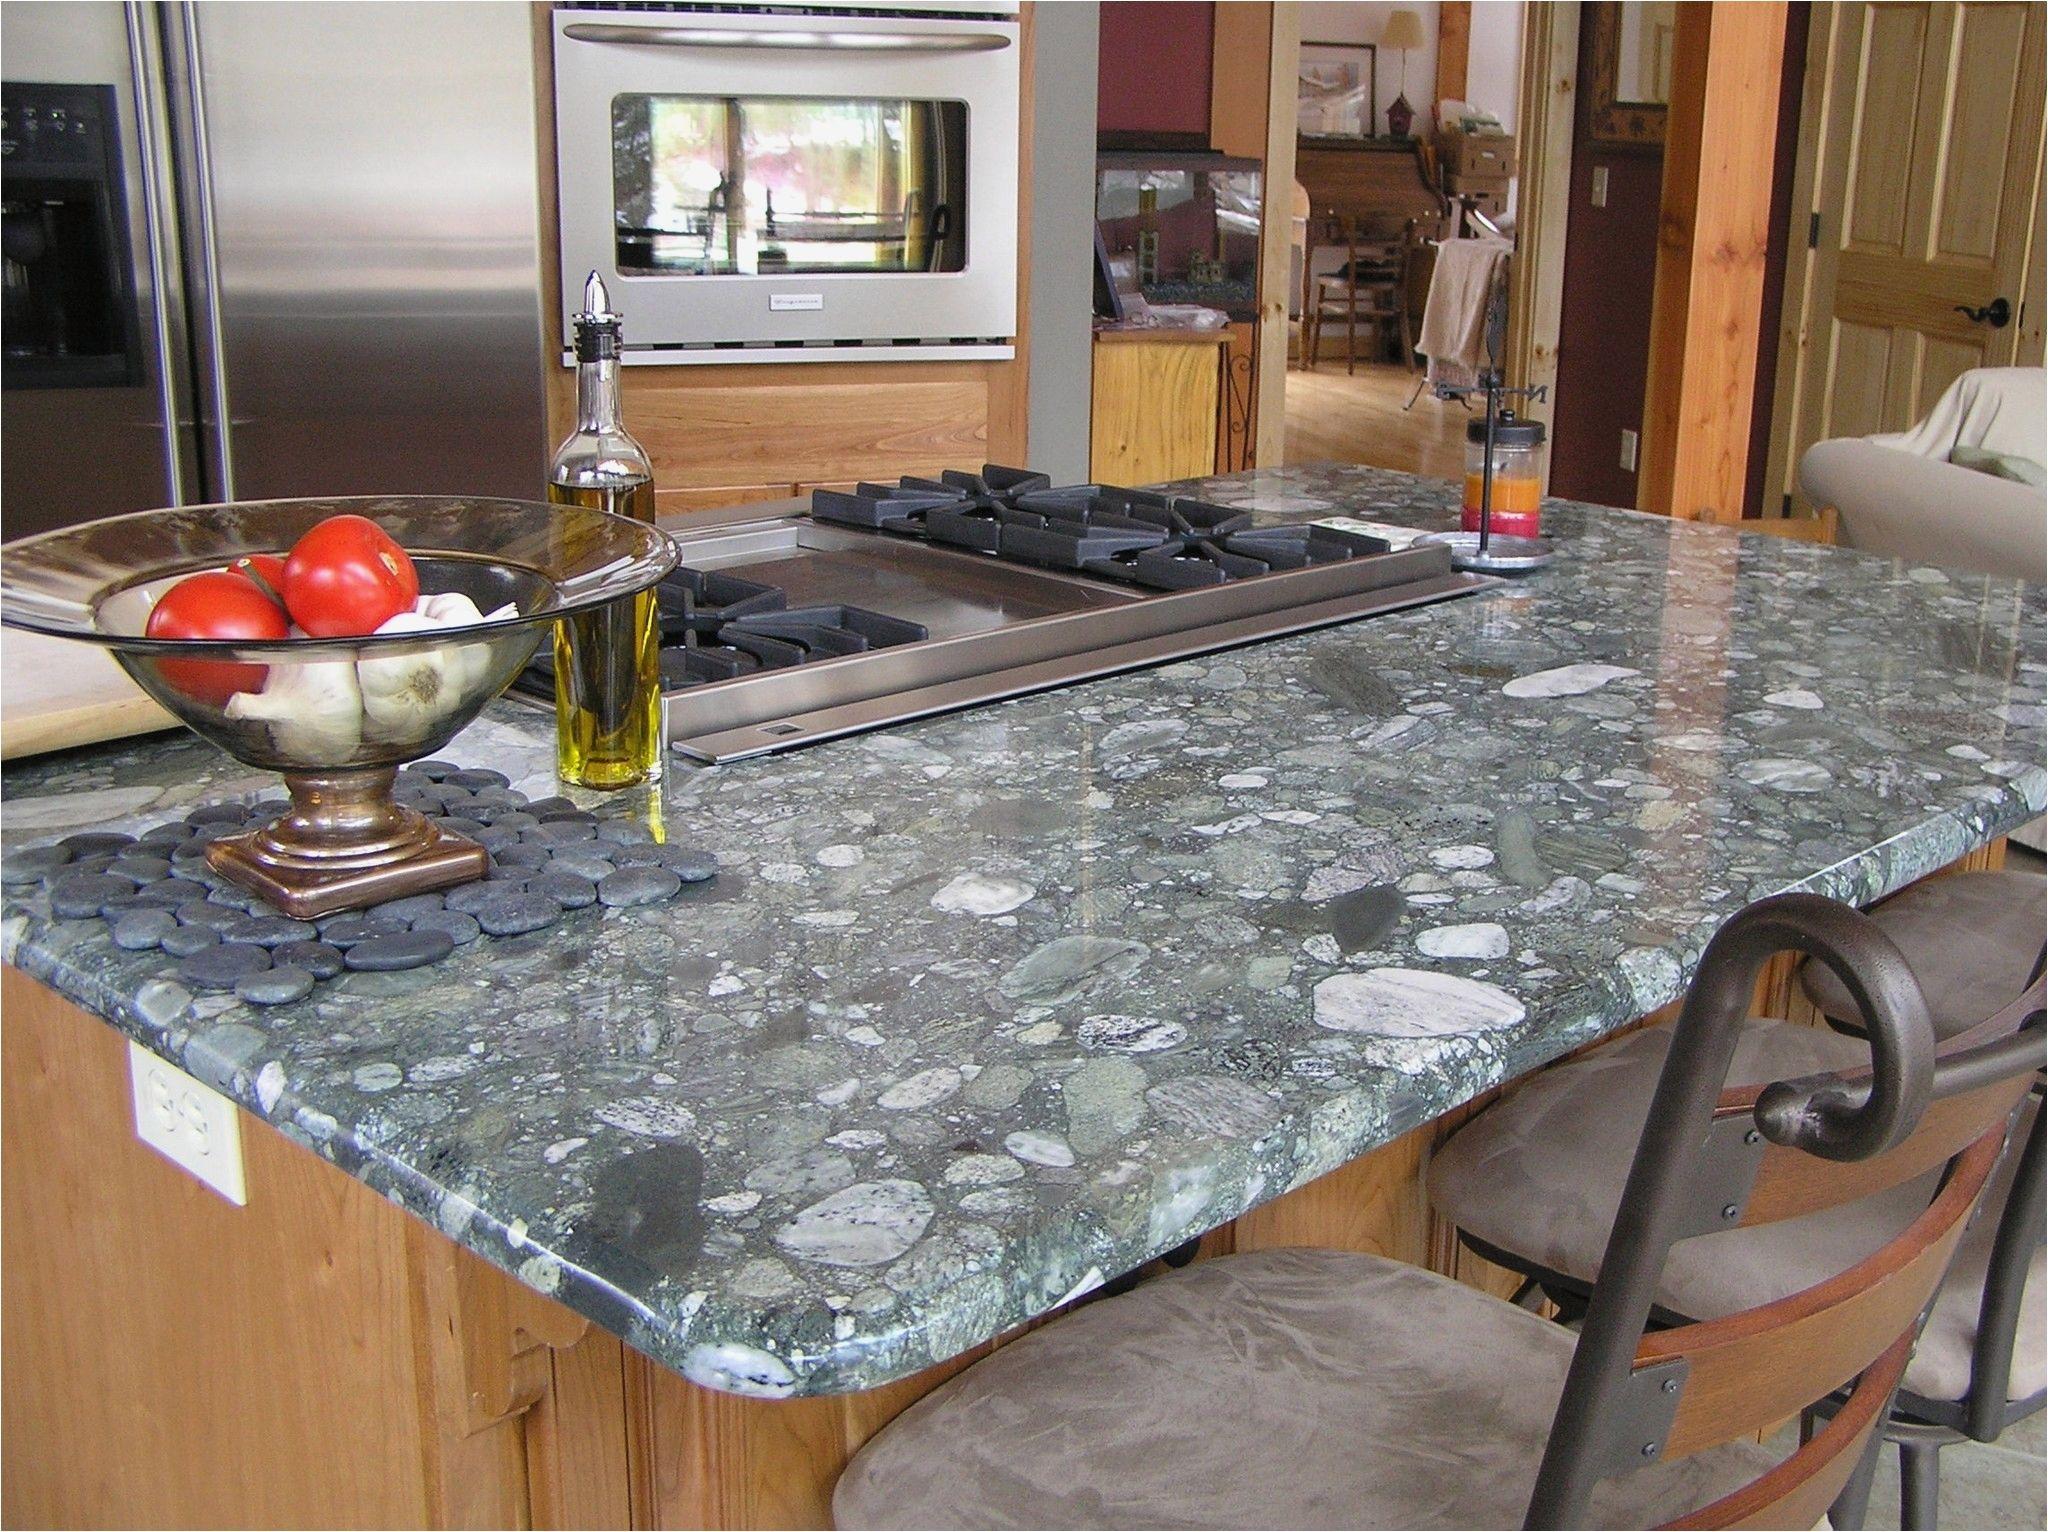 Einzigartige Kuche Arbeitsplatten Wenn Sie Haben Kuche Die Stuhle Die Fuhlen Veral Kitchen Countertops Granite Colors Grey Granite Countertops Countertops